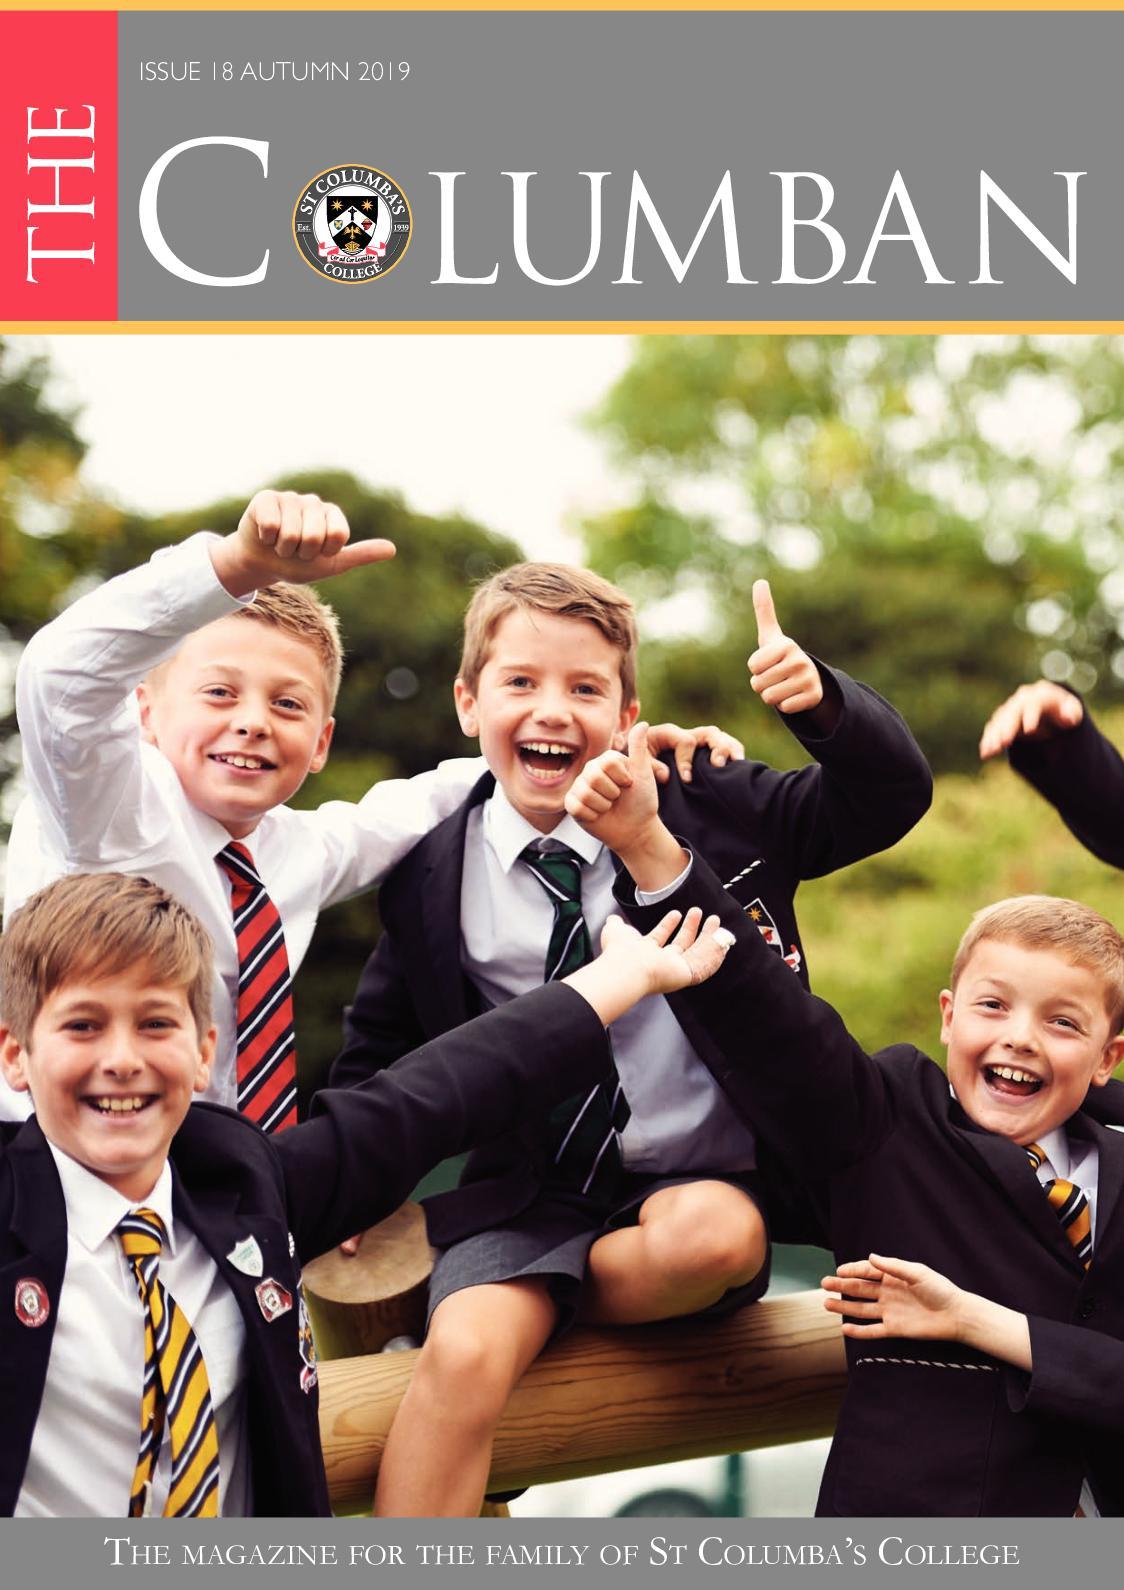 Calaméo Columban Magazine September 2019